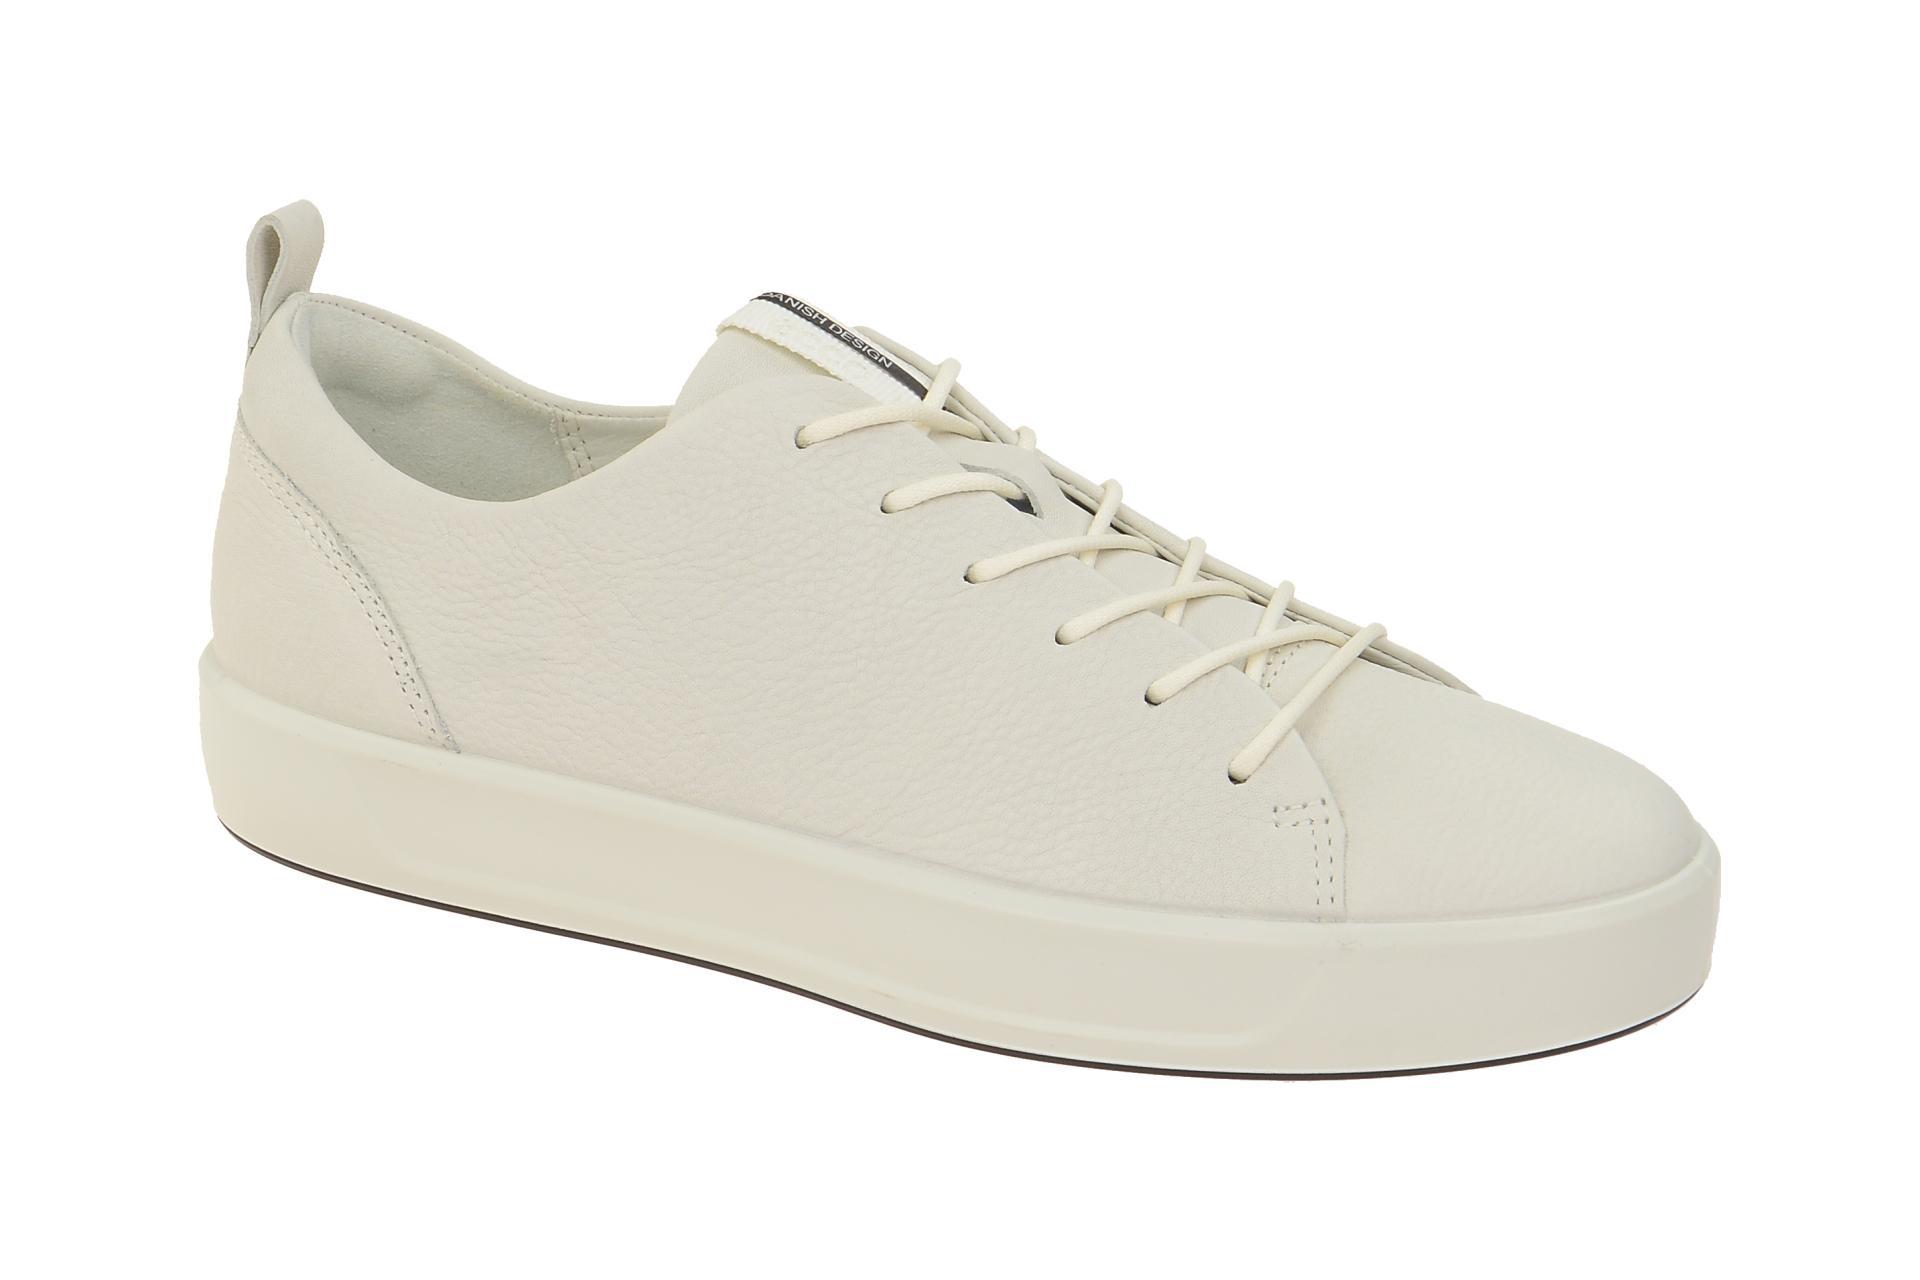 Ecco Soft 8 Ladies Schuhe Damen Leder Halbschuhe